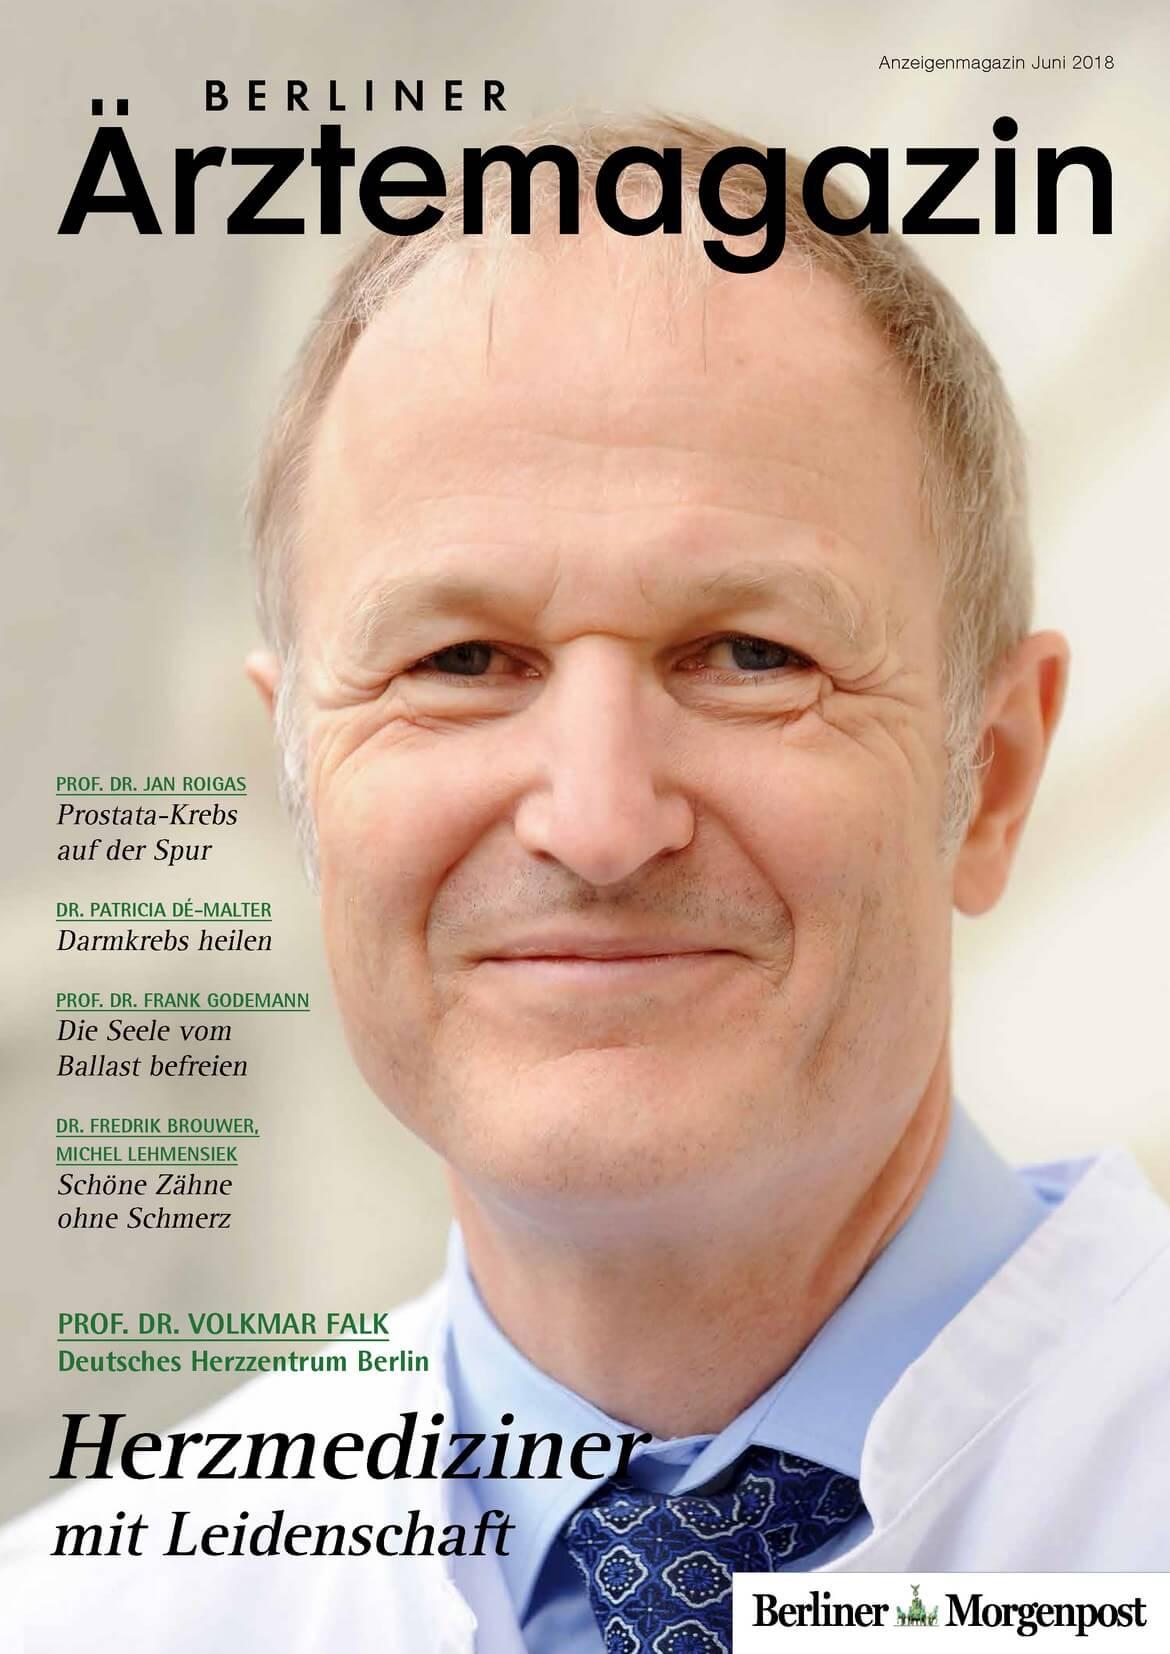 Berliner Ärztemagazin Ausgabe Juni 2018 erschienen